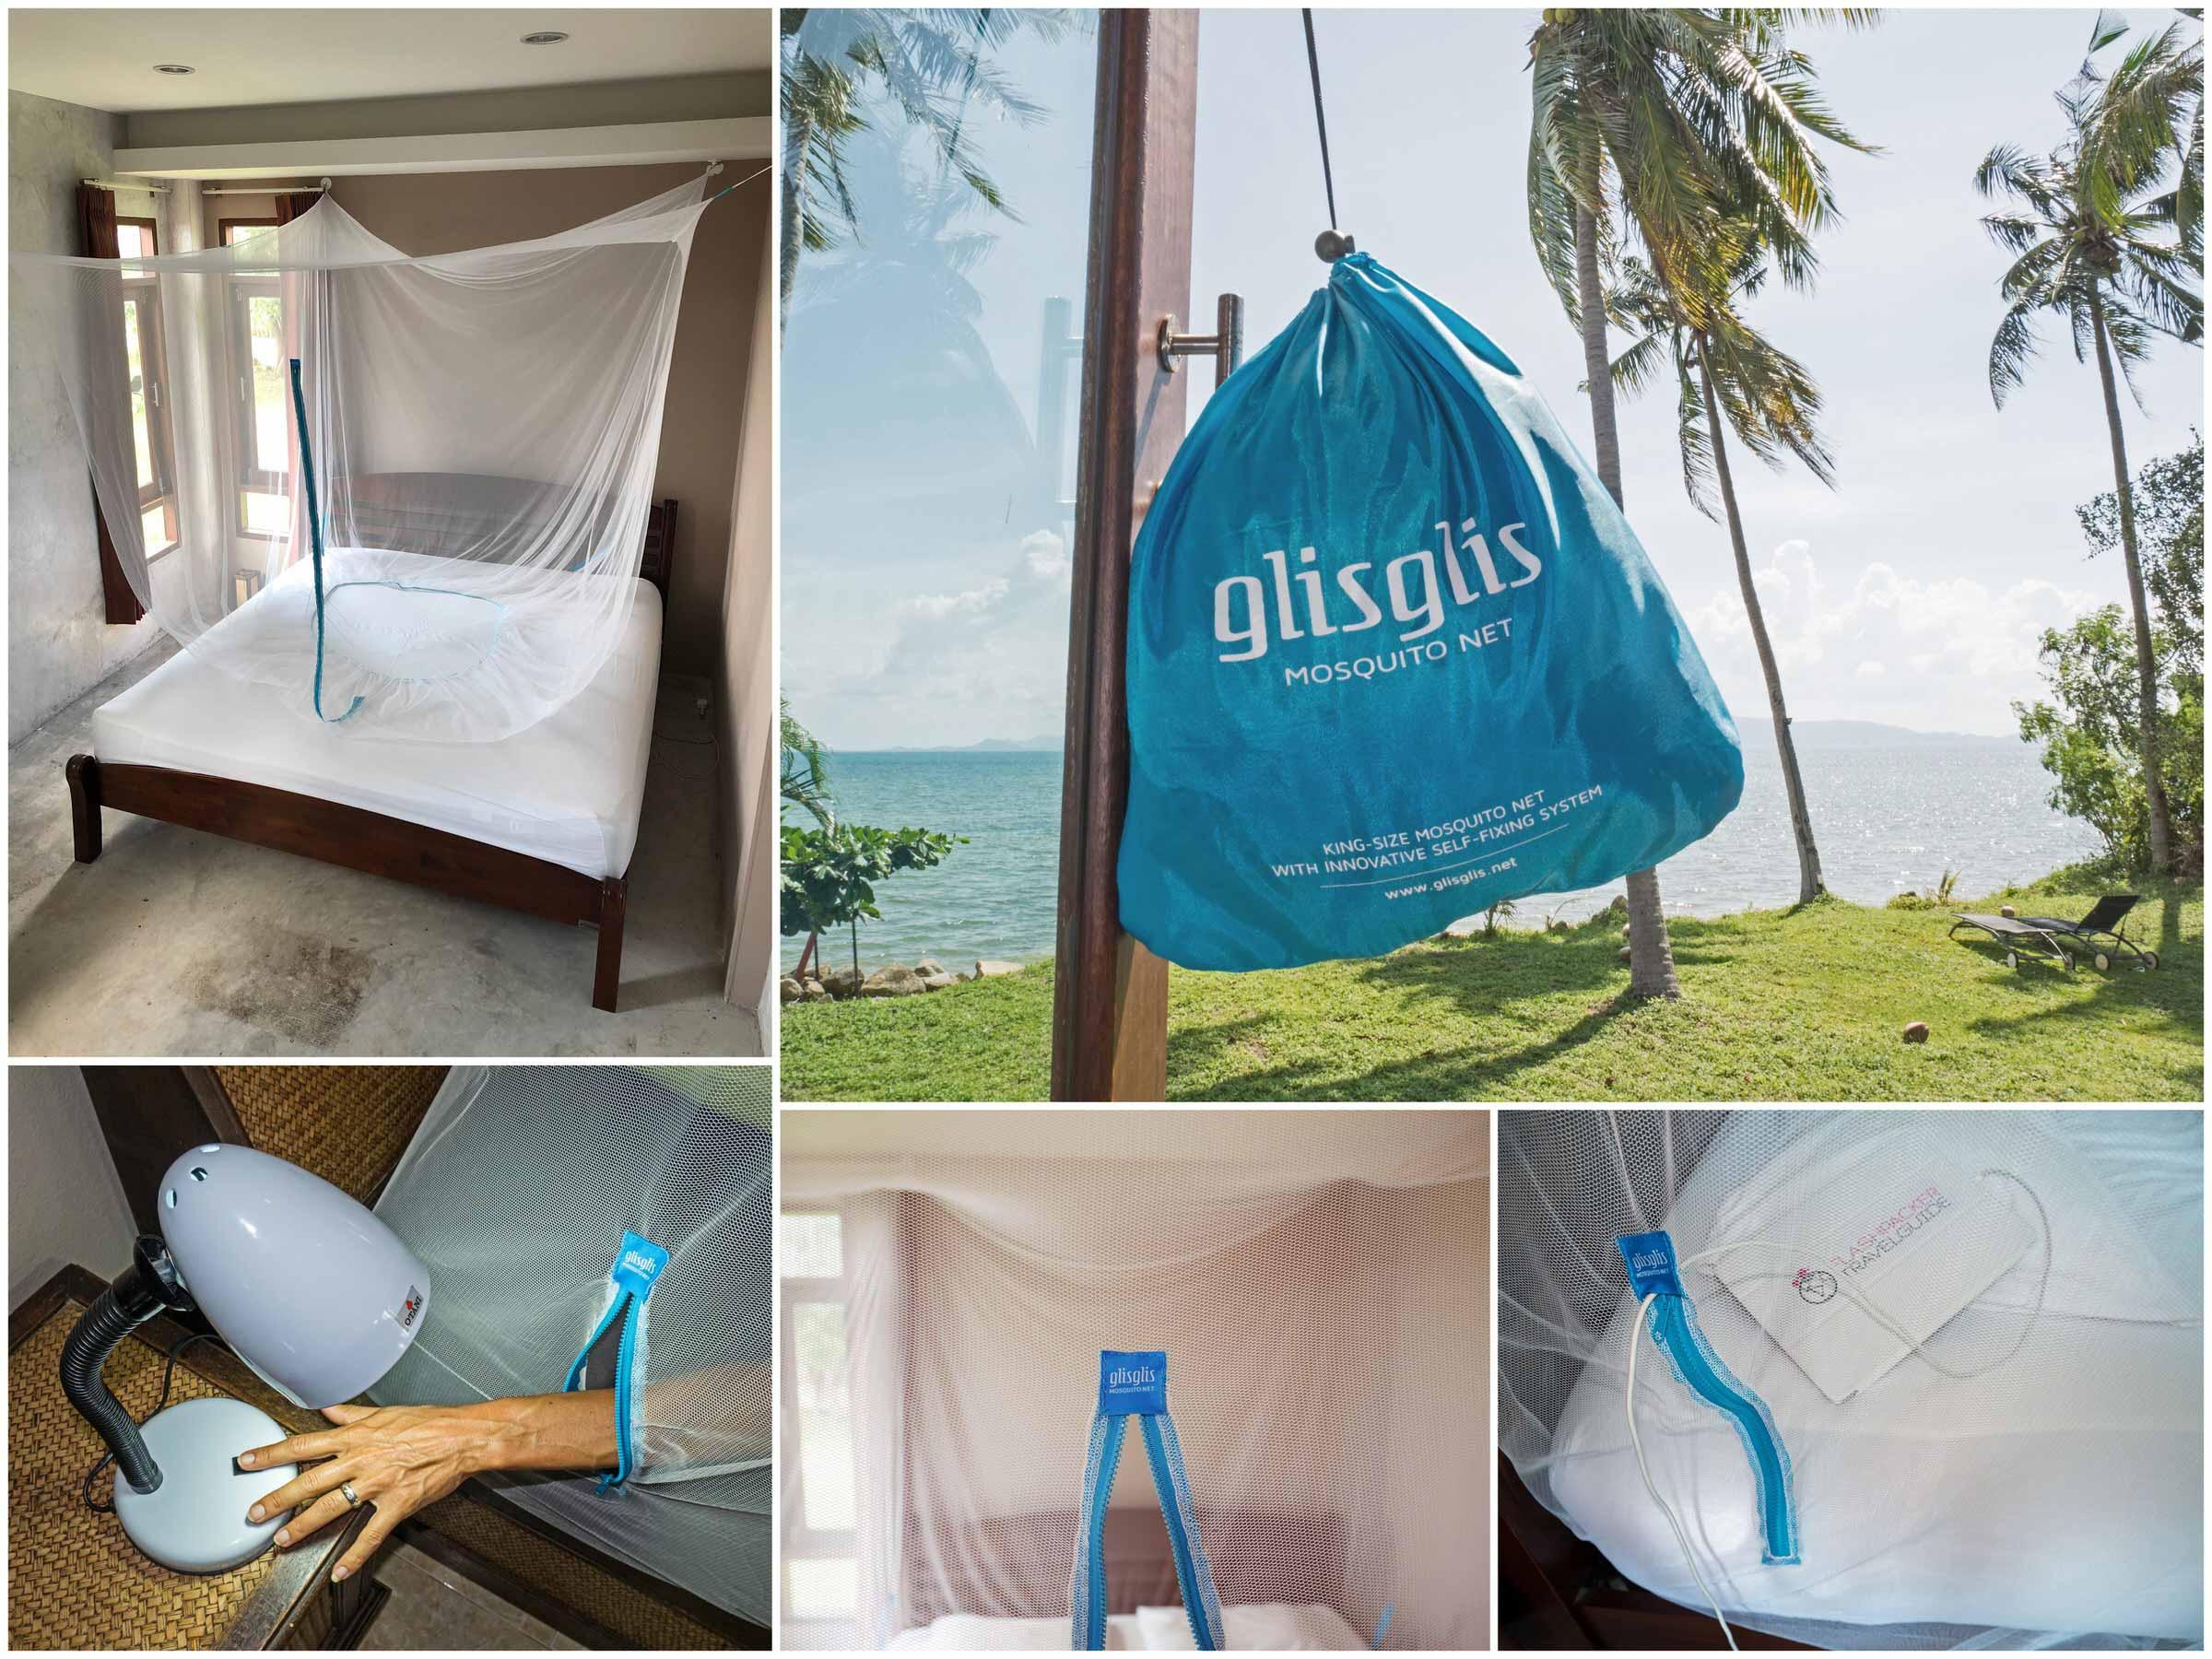 Das GlisGlis-Netz mit einen Reisverschluss-Eingang und praktischem Gummisaum zur Anbringung